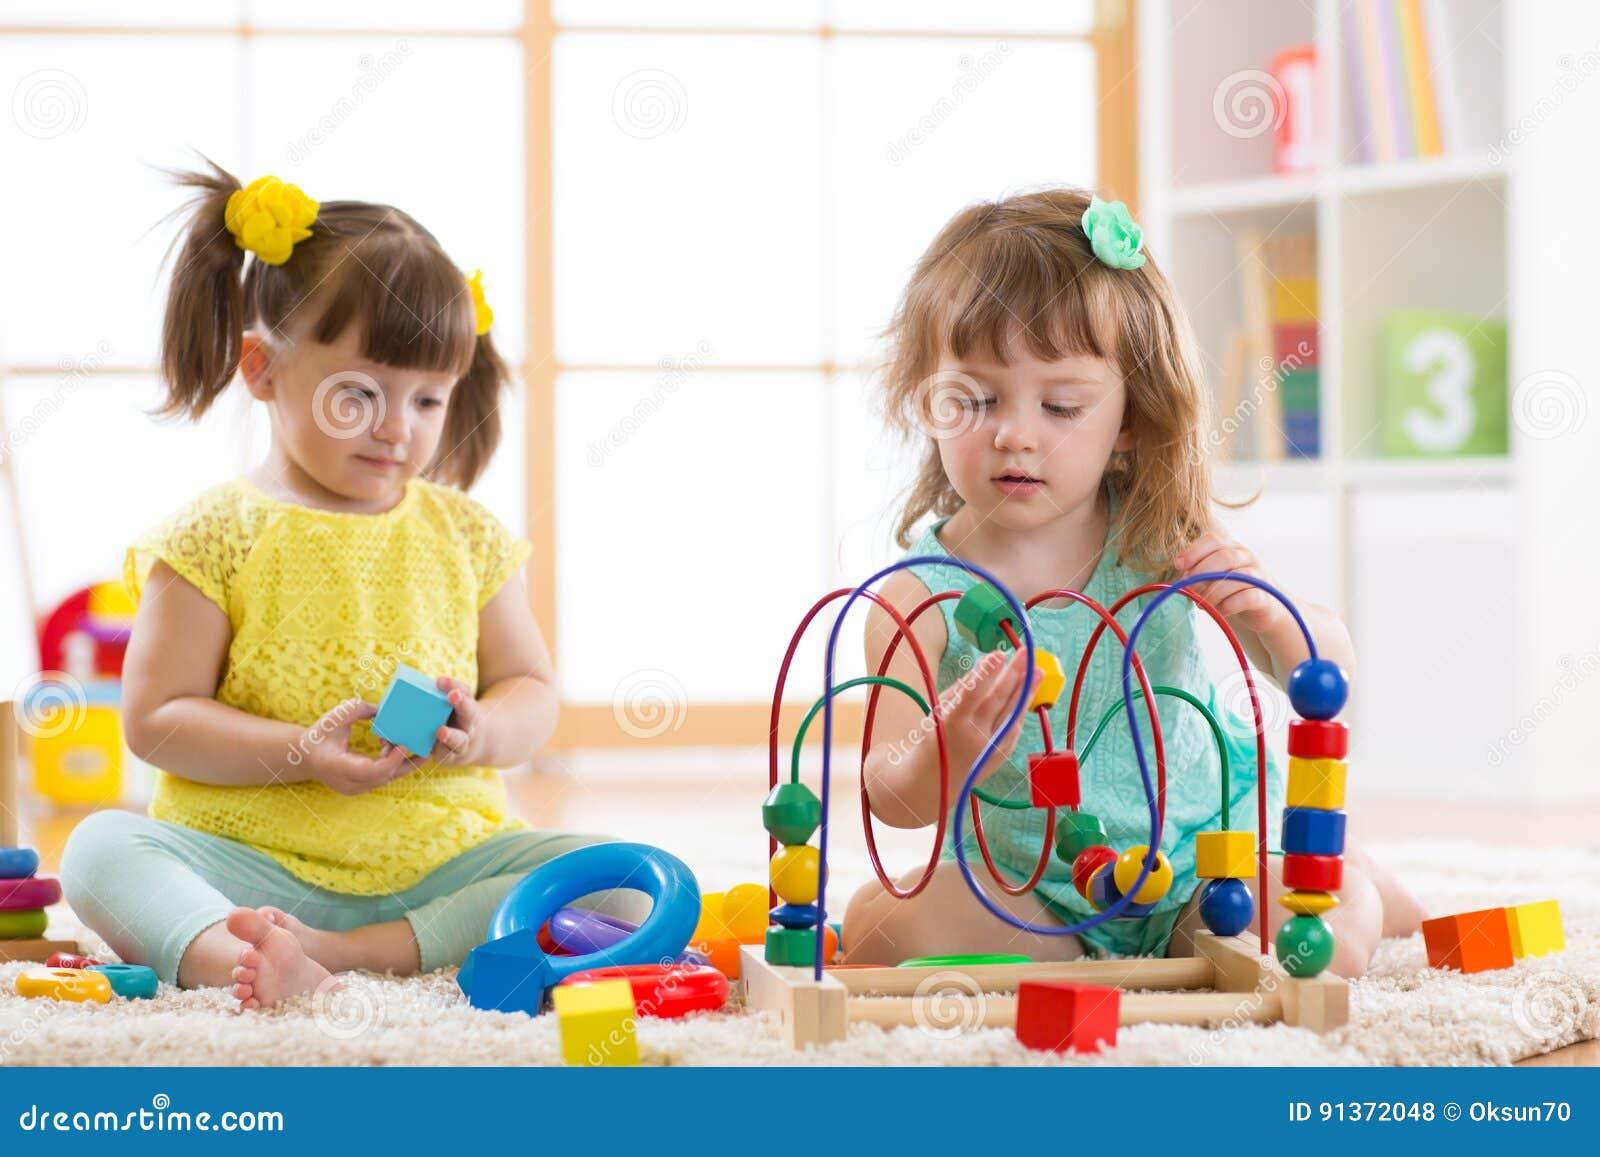 kinder die mit spielwaren im kindergarten spielen stockfoto bild von entwicklung erbauer. Black Bedroom Furniture Sets. Home Design Ideas